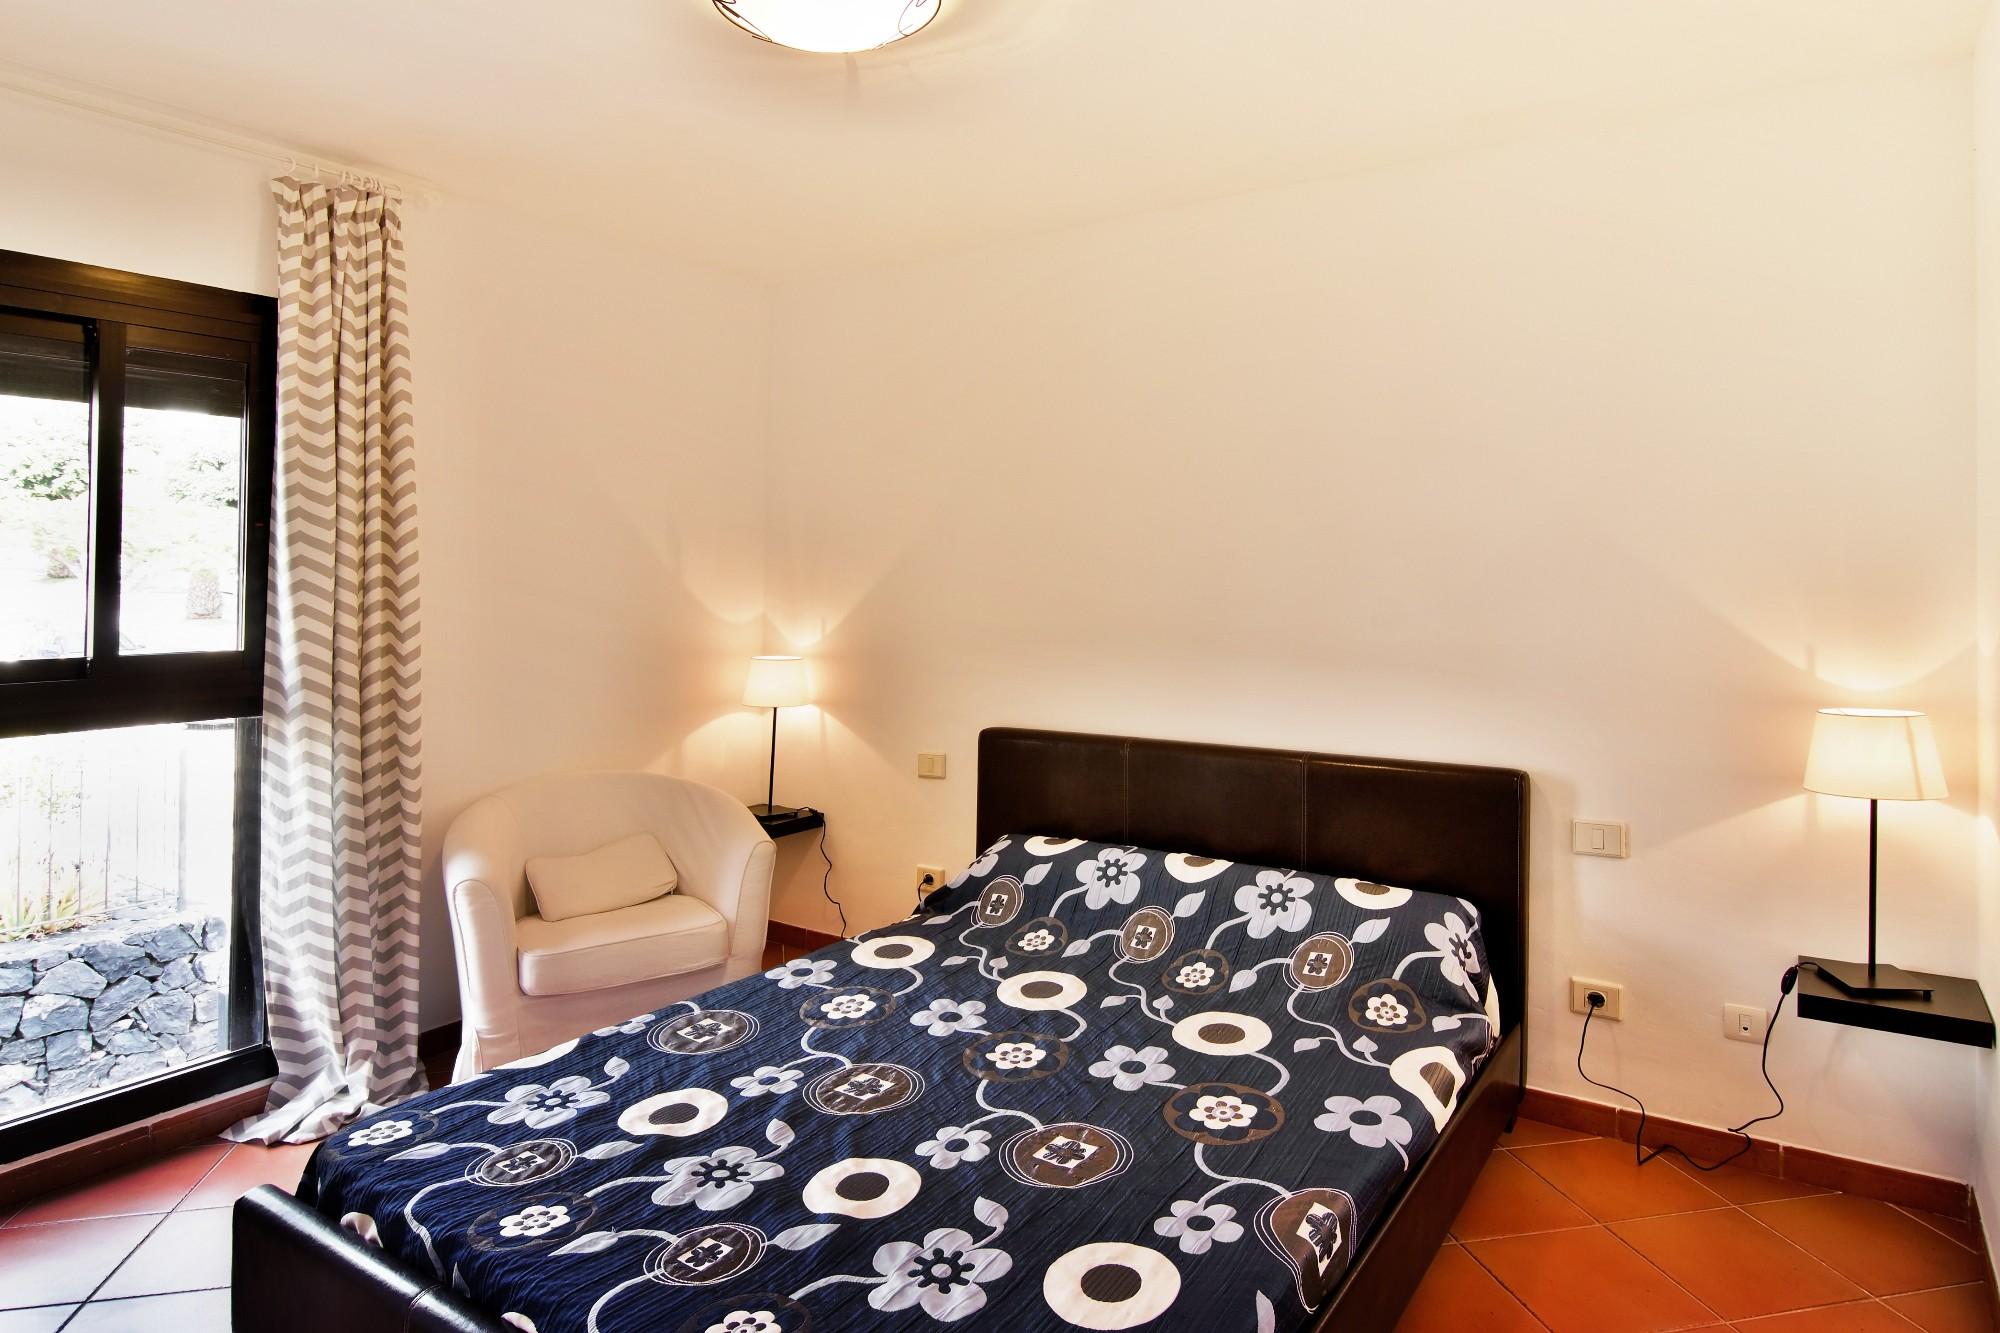 Schlafzimmer 1 Ferienhaus Adeje Teneriffa